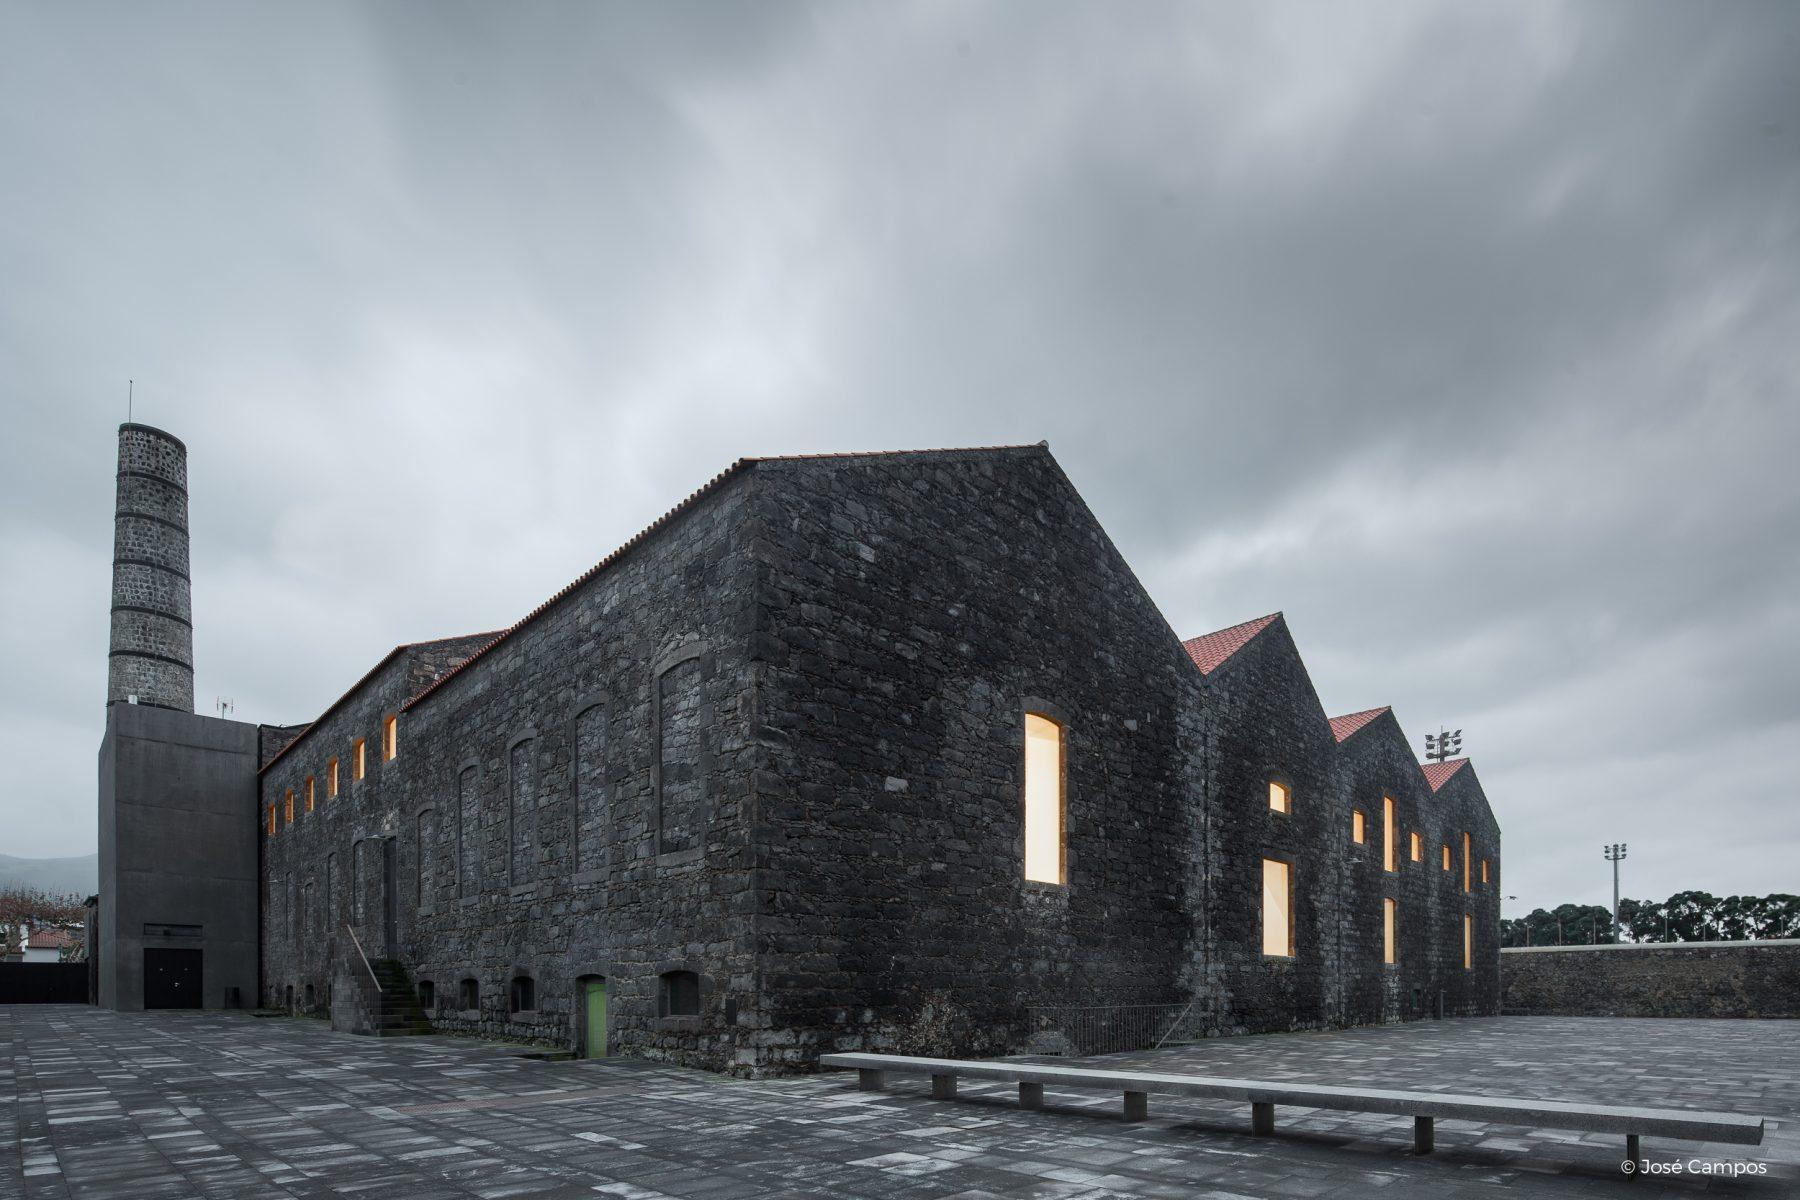 Centro de Artes Contemporâneas - Ribeira Grande - São Miguel, Açores